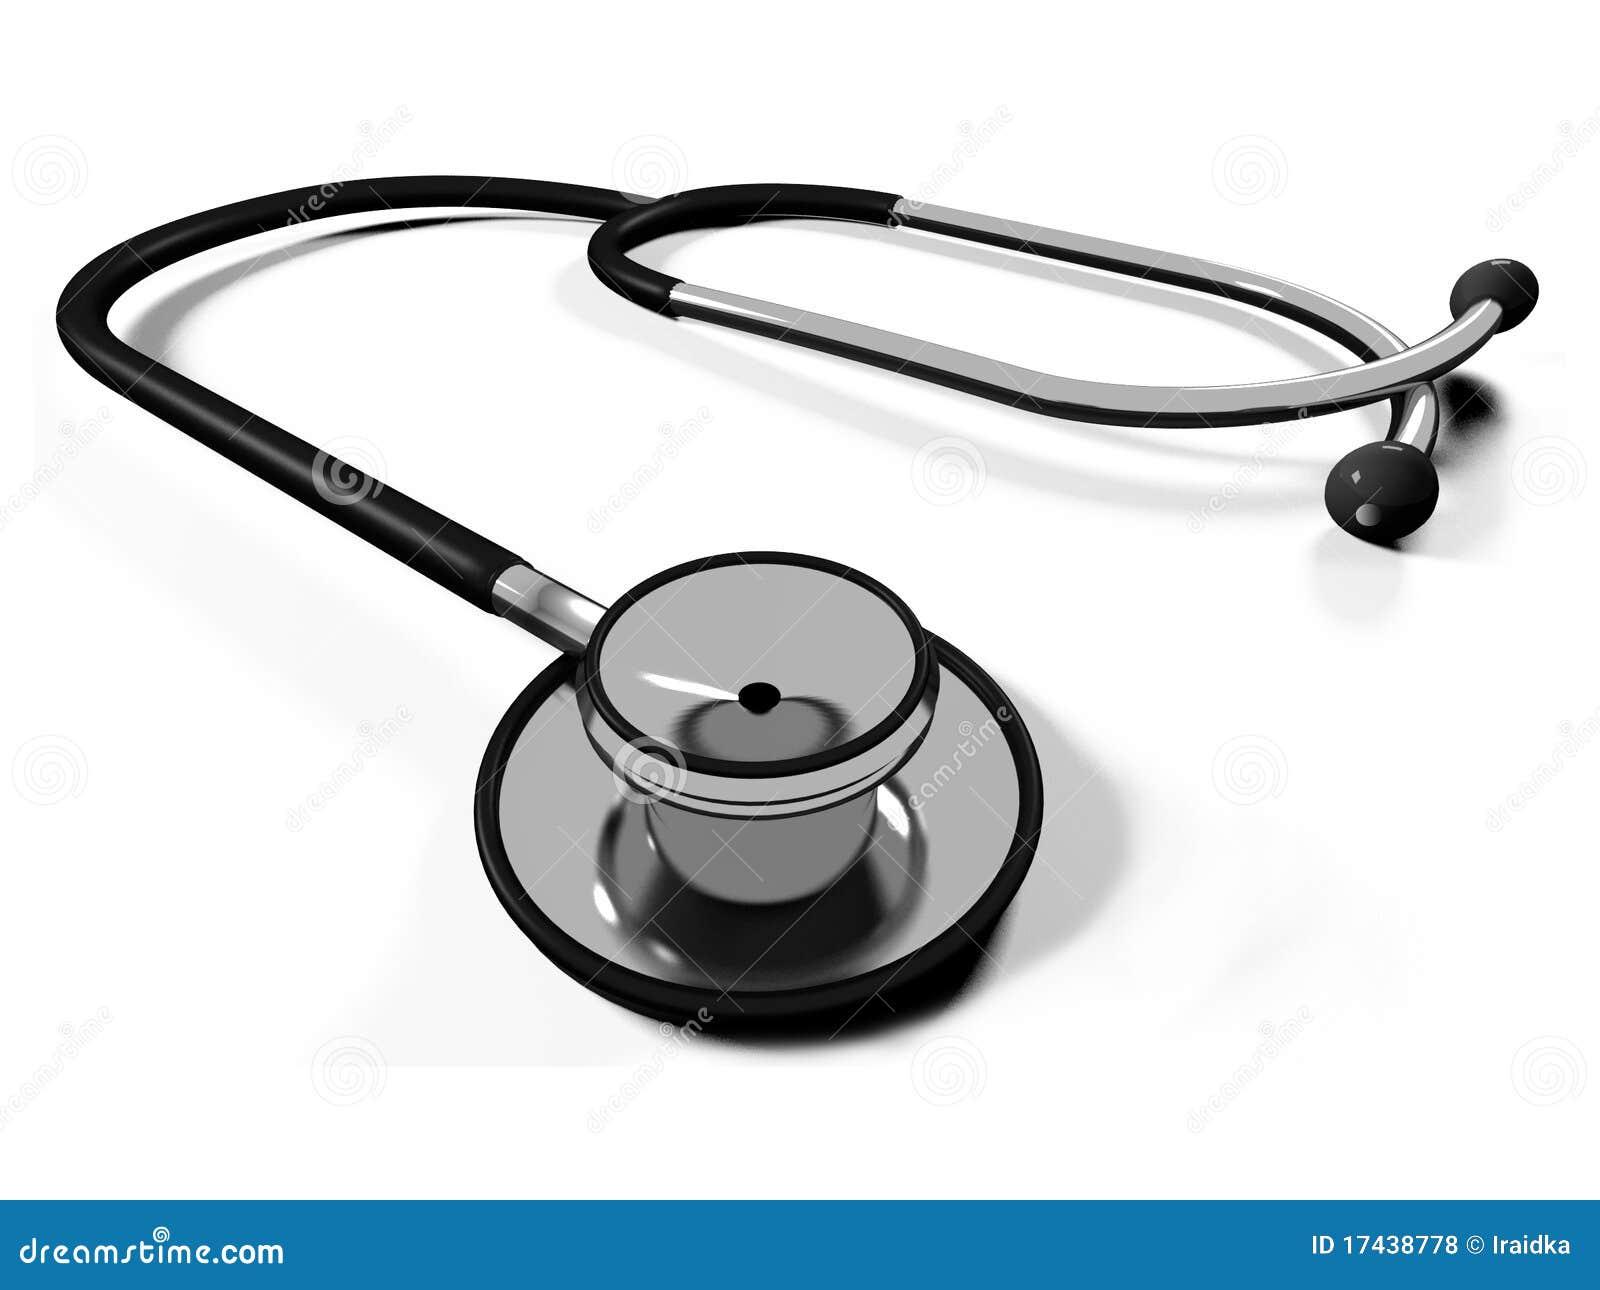 Stethoscope Isolated Royalty Free Stock Photo - Image: 1583655